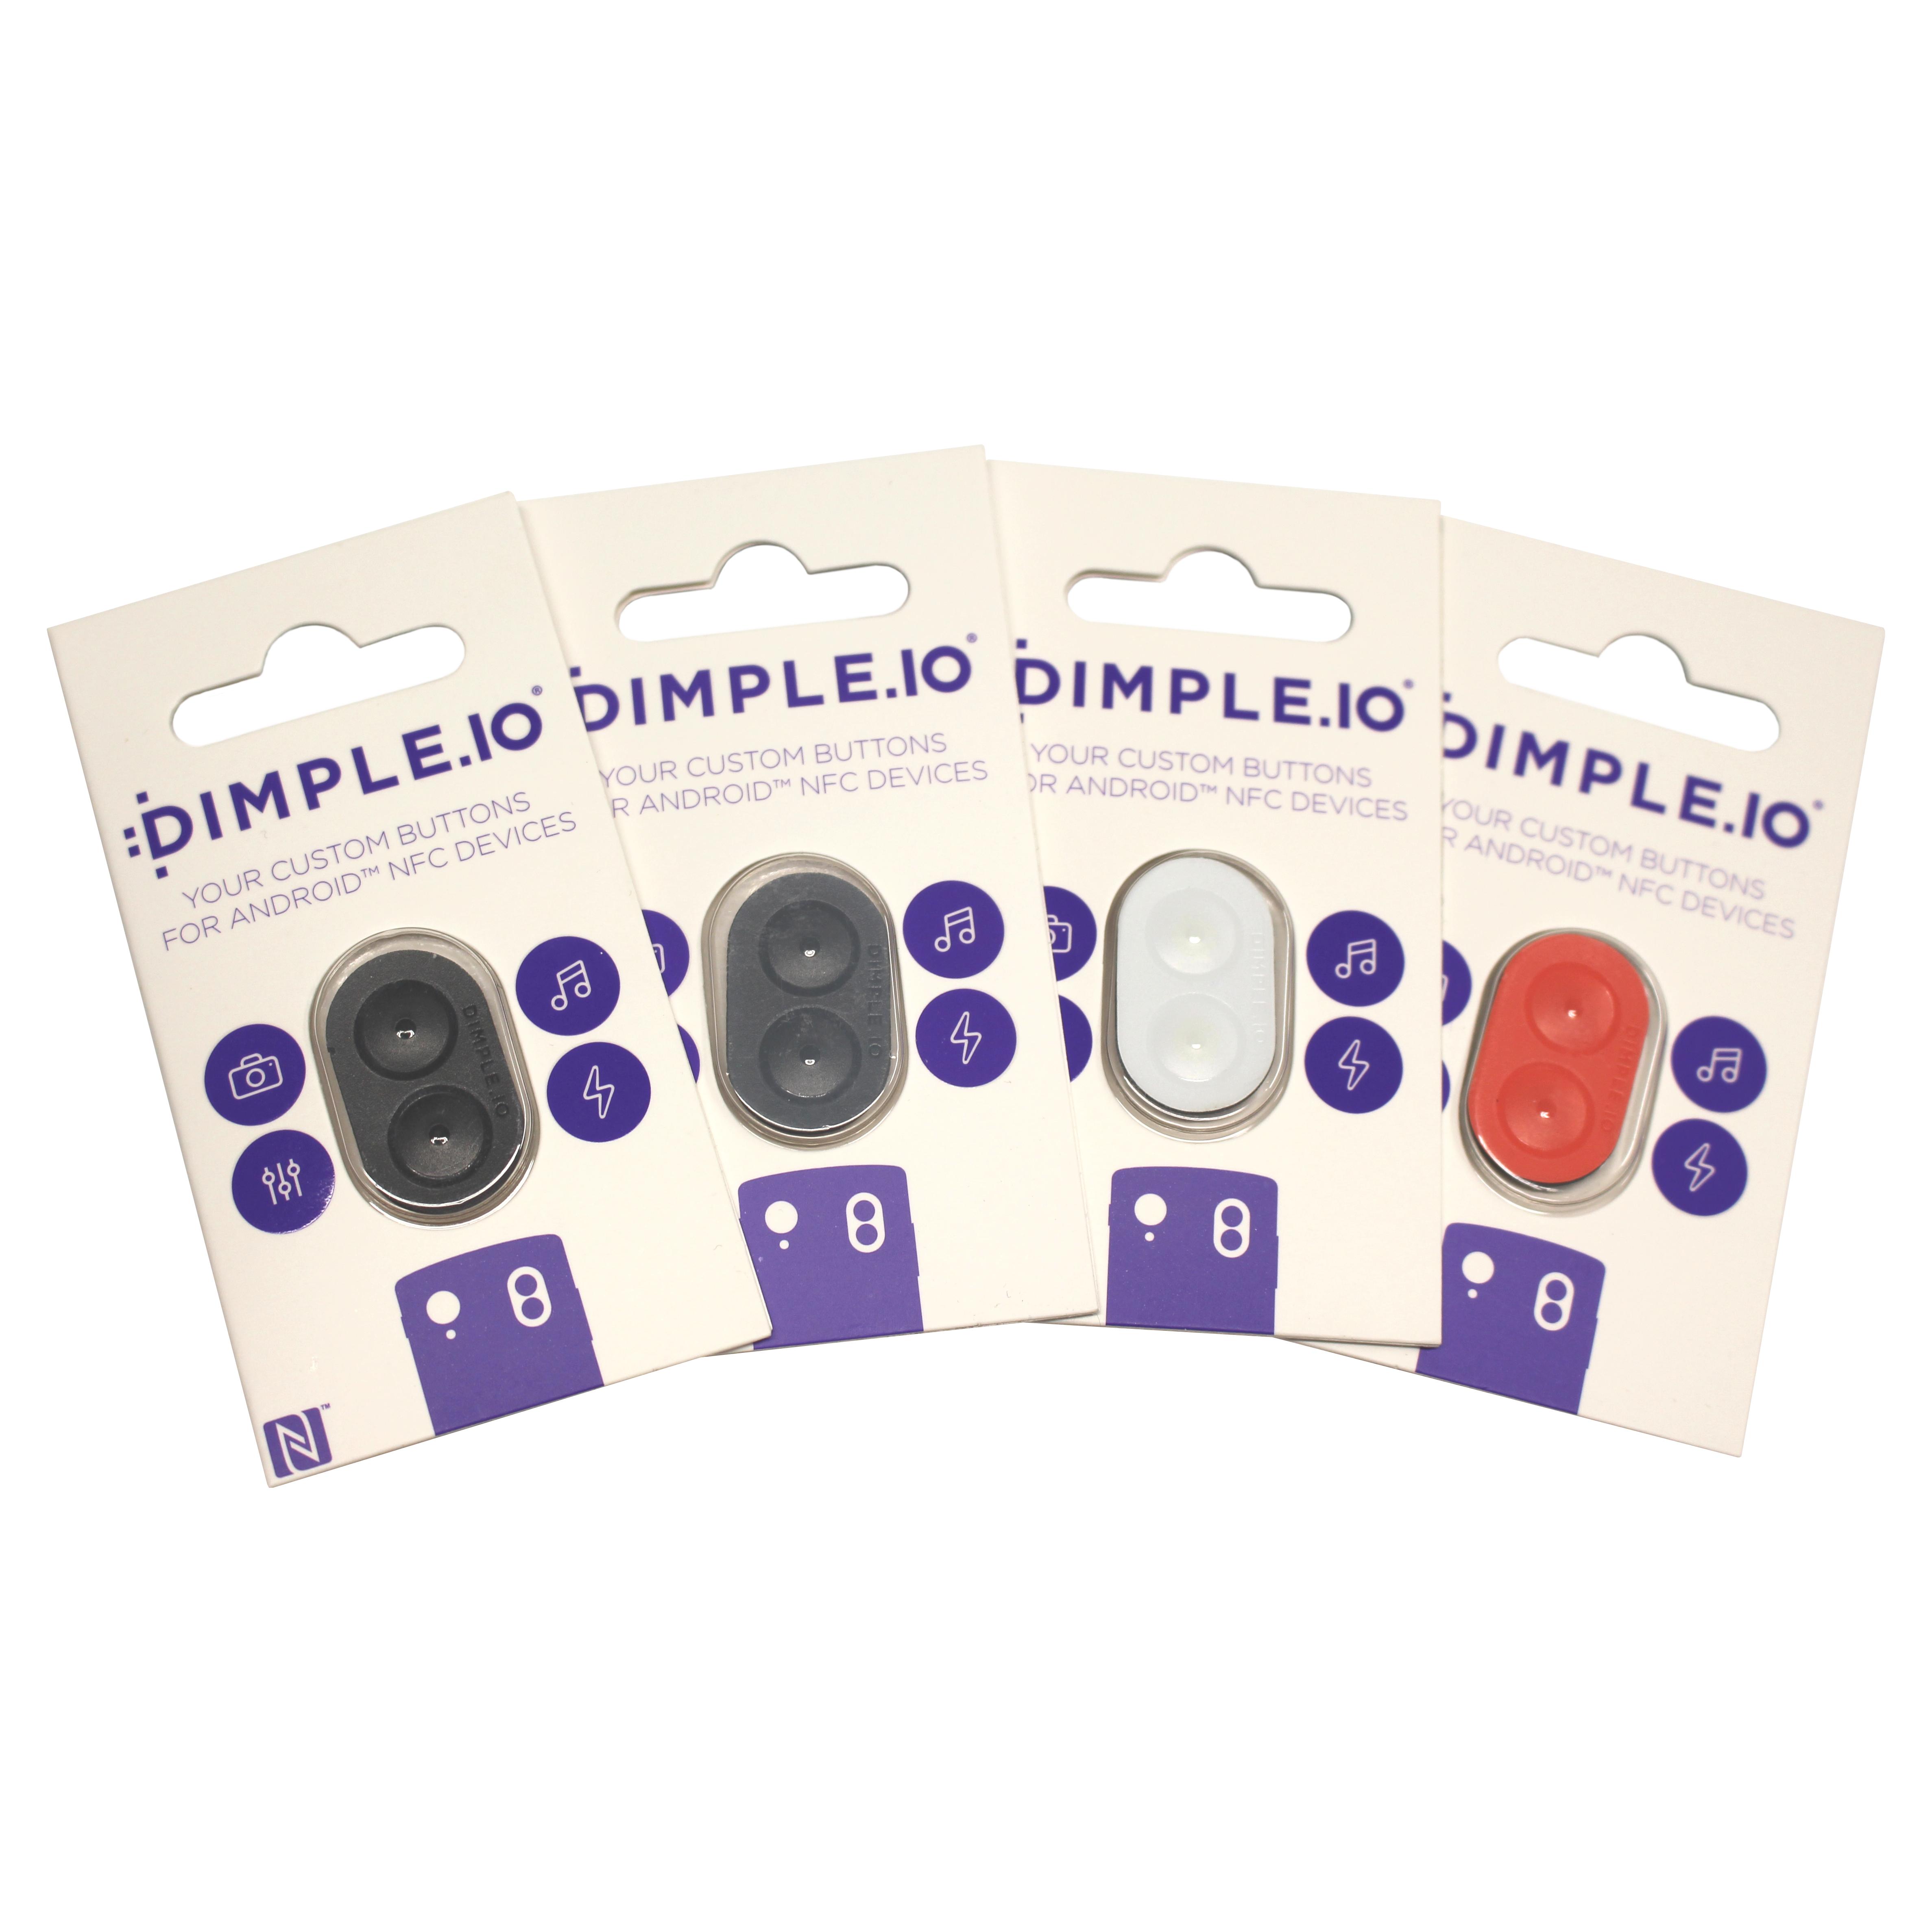 Dimple Mini NFC Button